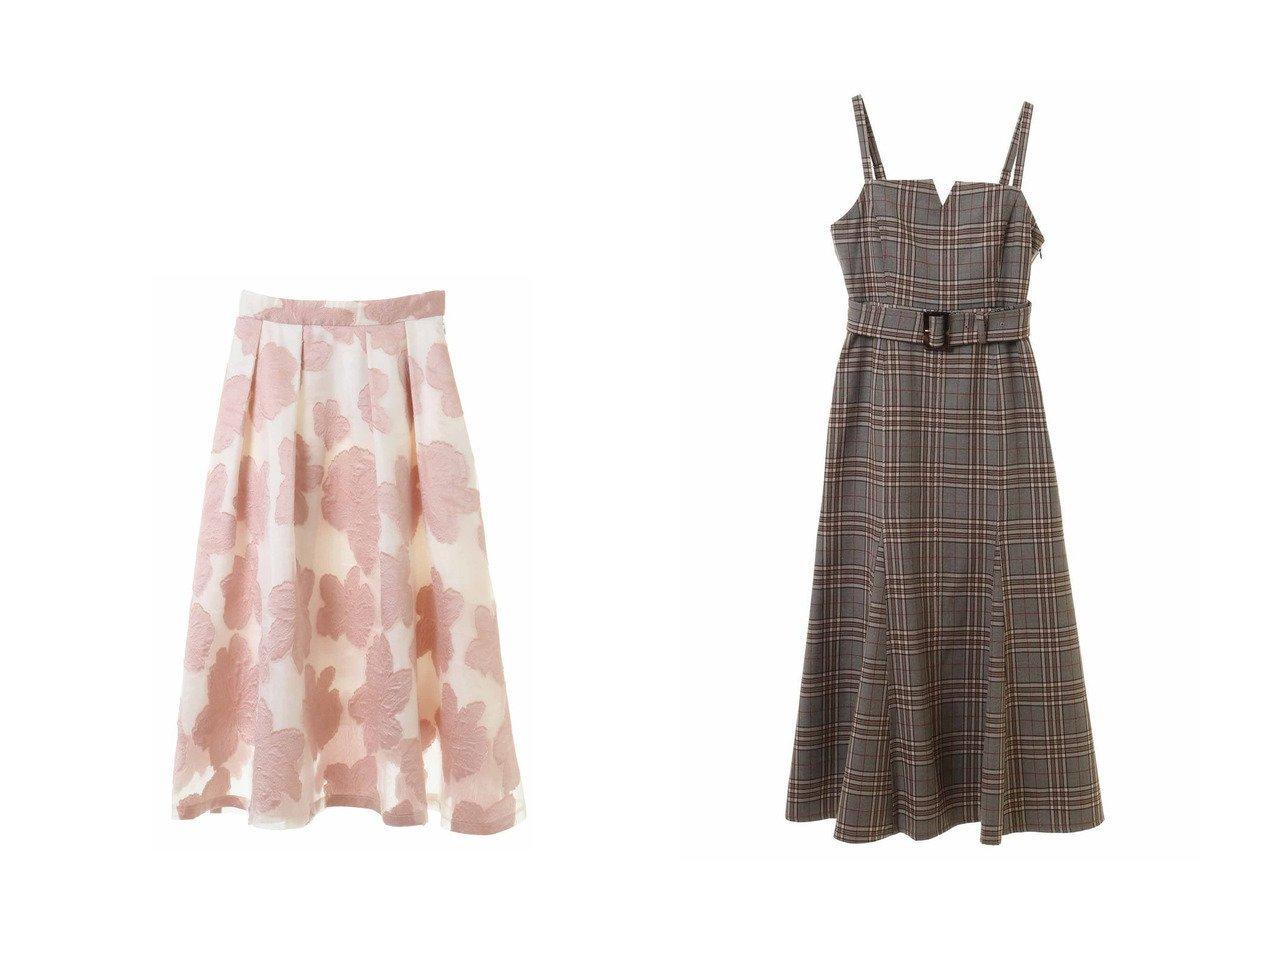 【31 Sons de mode/トランテアン ソン ドゥ モード】のマーメードジャンスカ&花柄ジャガードスカート 【スカート】おすすめ!人気、トレンド・レディースファッションの通販 おすすめで人気の流行・トレンド、ファッションの通販商品 インテリア・家具・メンズファッション・キッズファッション・レディースファッション・服の通販 founy(ファニー) https://founy.com/ ファッション Fashion レディースファッション WOMEN スカート Skirt シアー フレア 冬 Winter A/W・秋冬 AW・Autumn/Winter・FW・Fall-Winter 2021年 2021 2021-2022秋冬・A/W AW・Autumn/Winter・FW・Fall-Winter・2021-2022 |ID:crp329100000072096